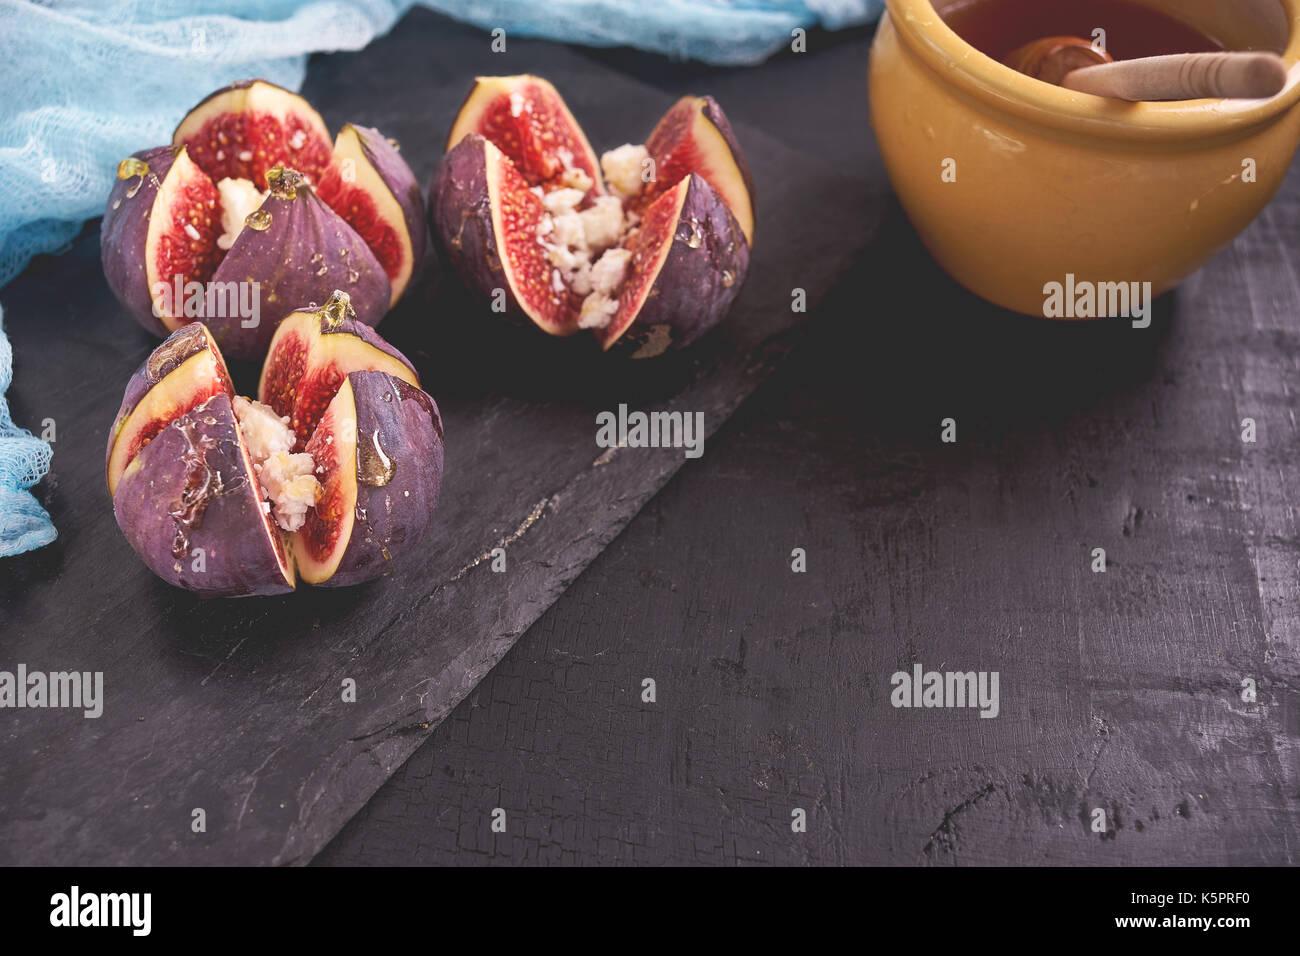 Delicioso postre hecho con higos de frutas y miel Imagen De Stock